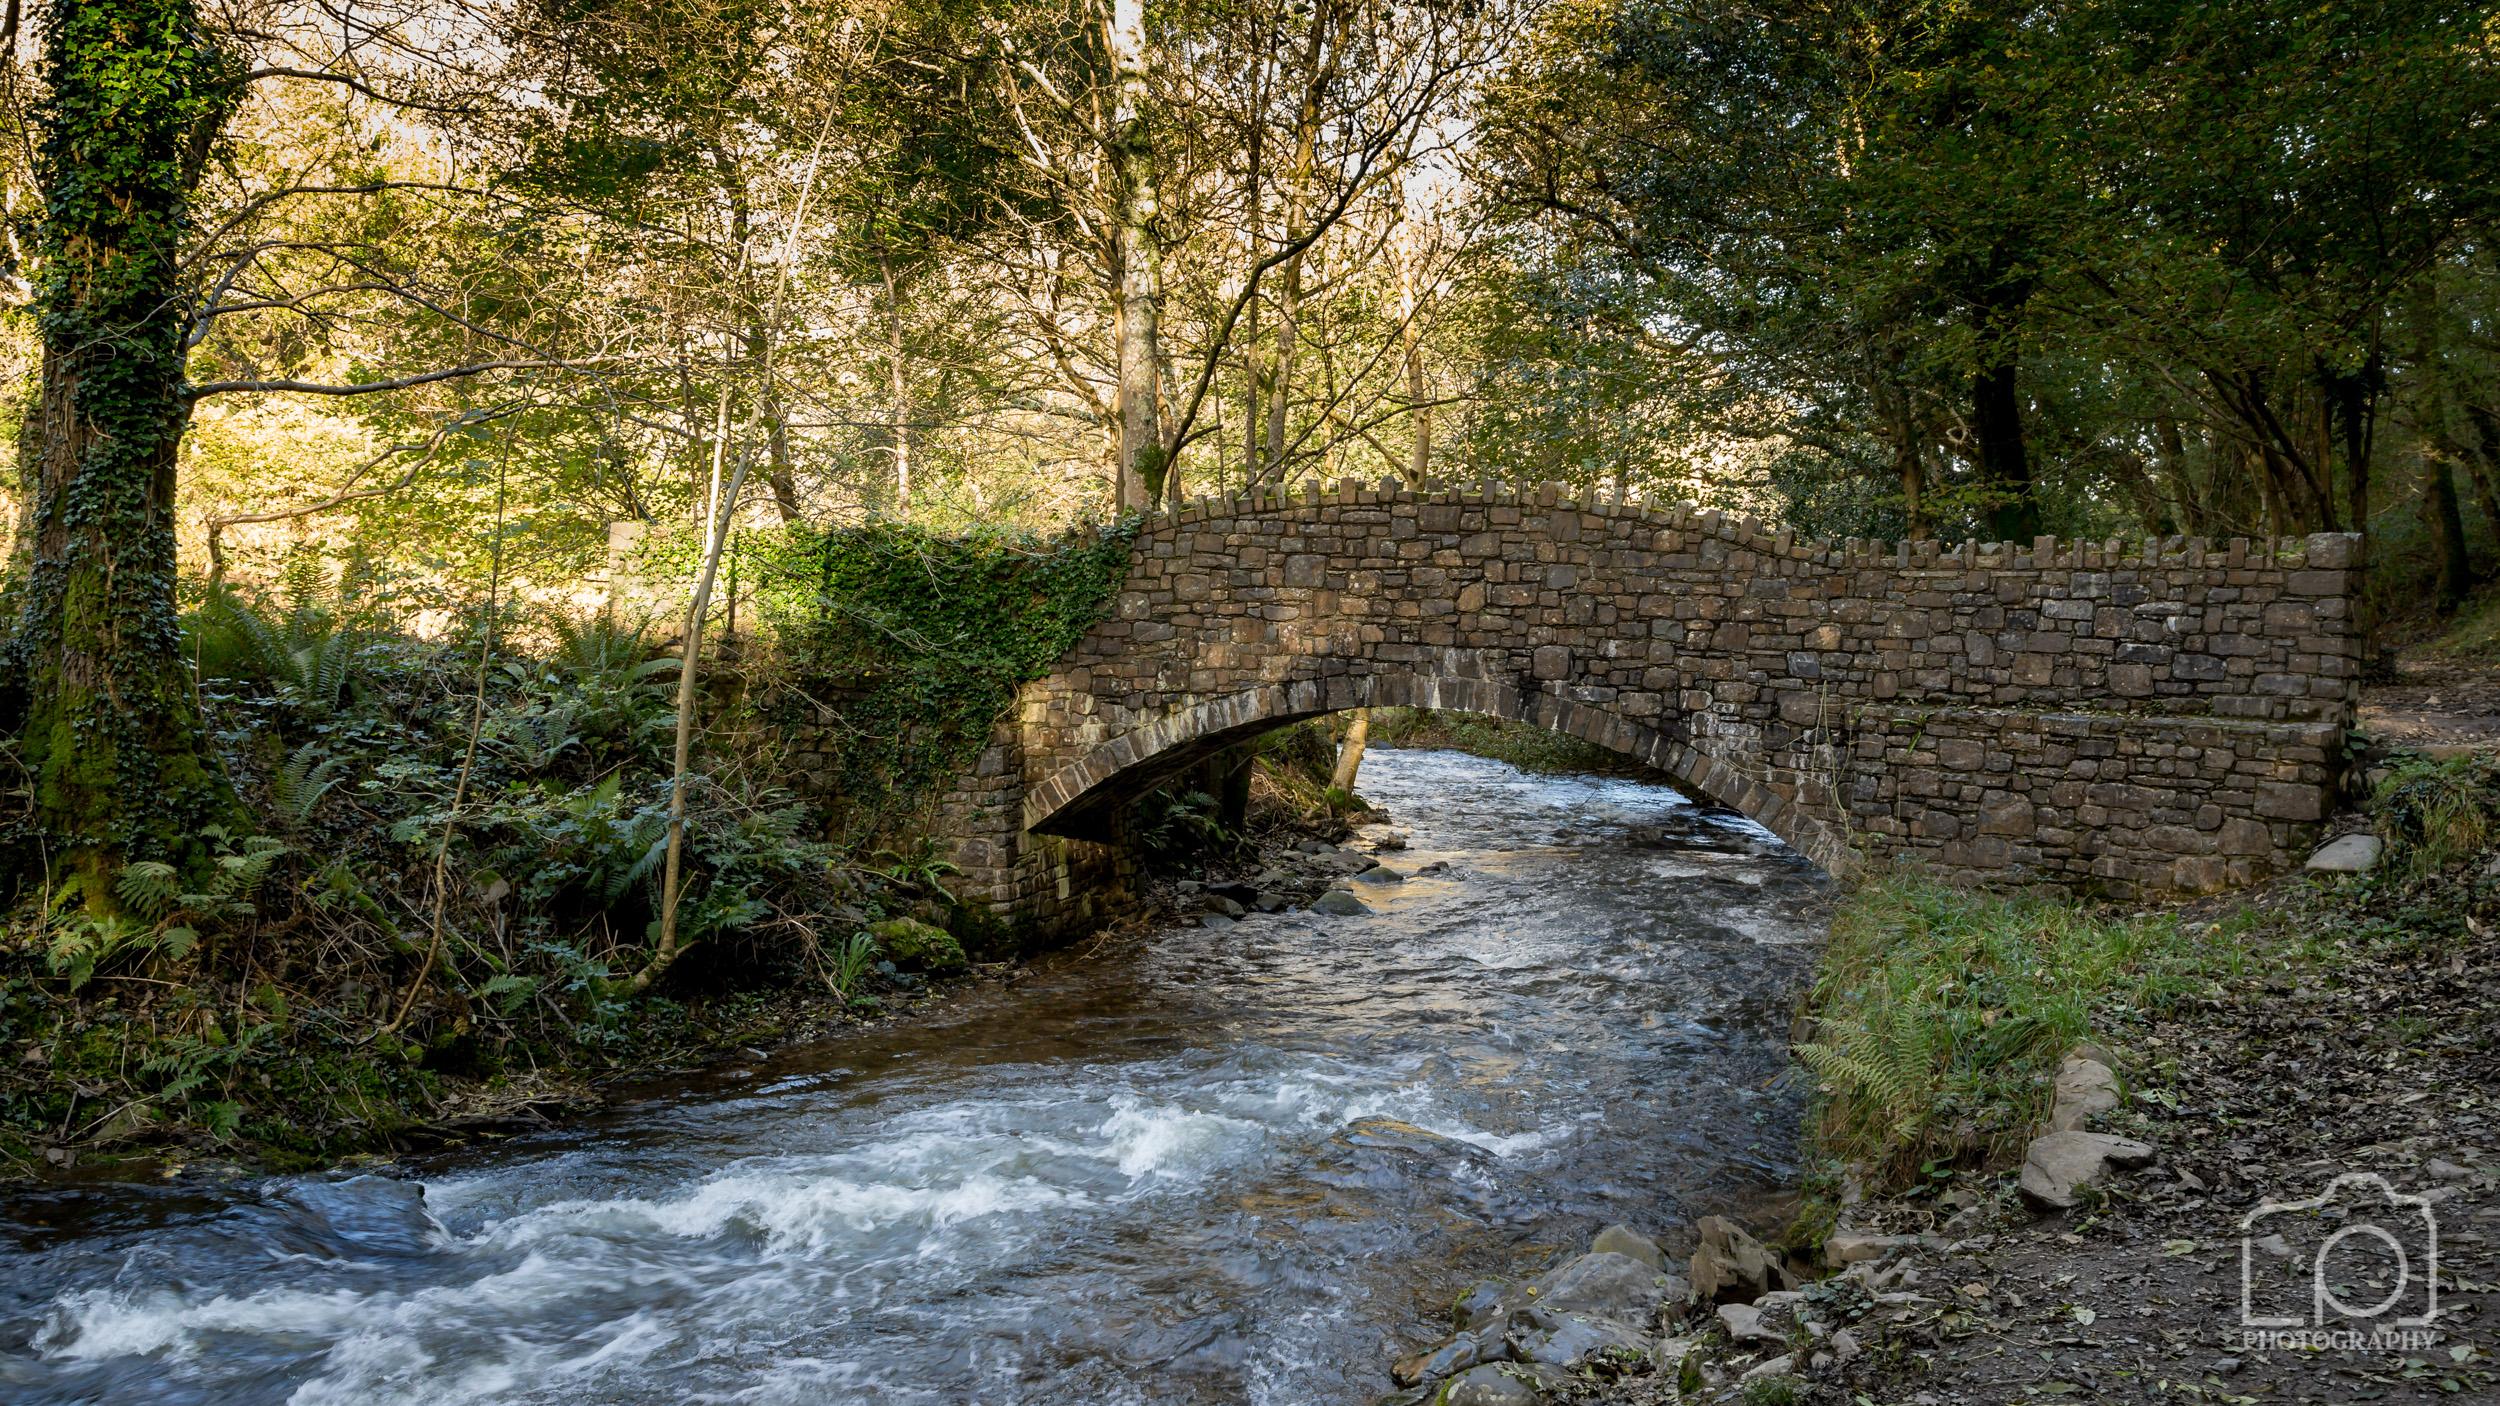 Bridge over River Heddon